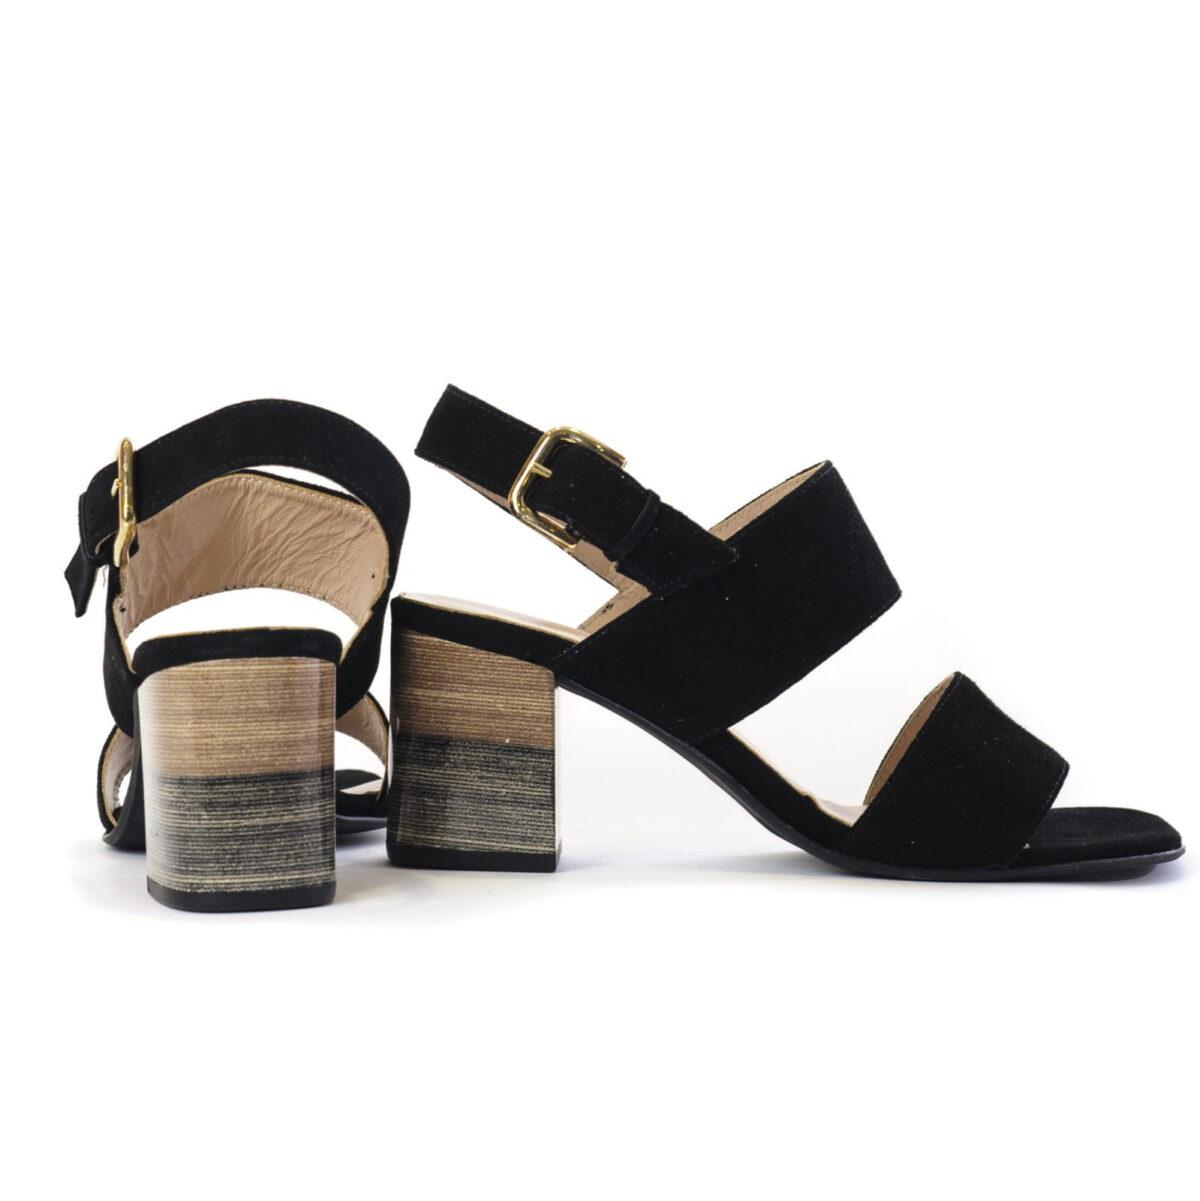 Γυναικεία Παπούτσια Γυναικείο Πέδιλο με πολύ Μαλακό Δέρμα